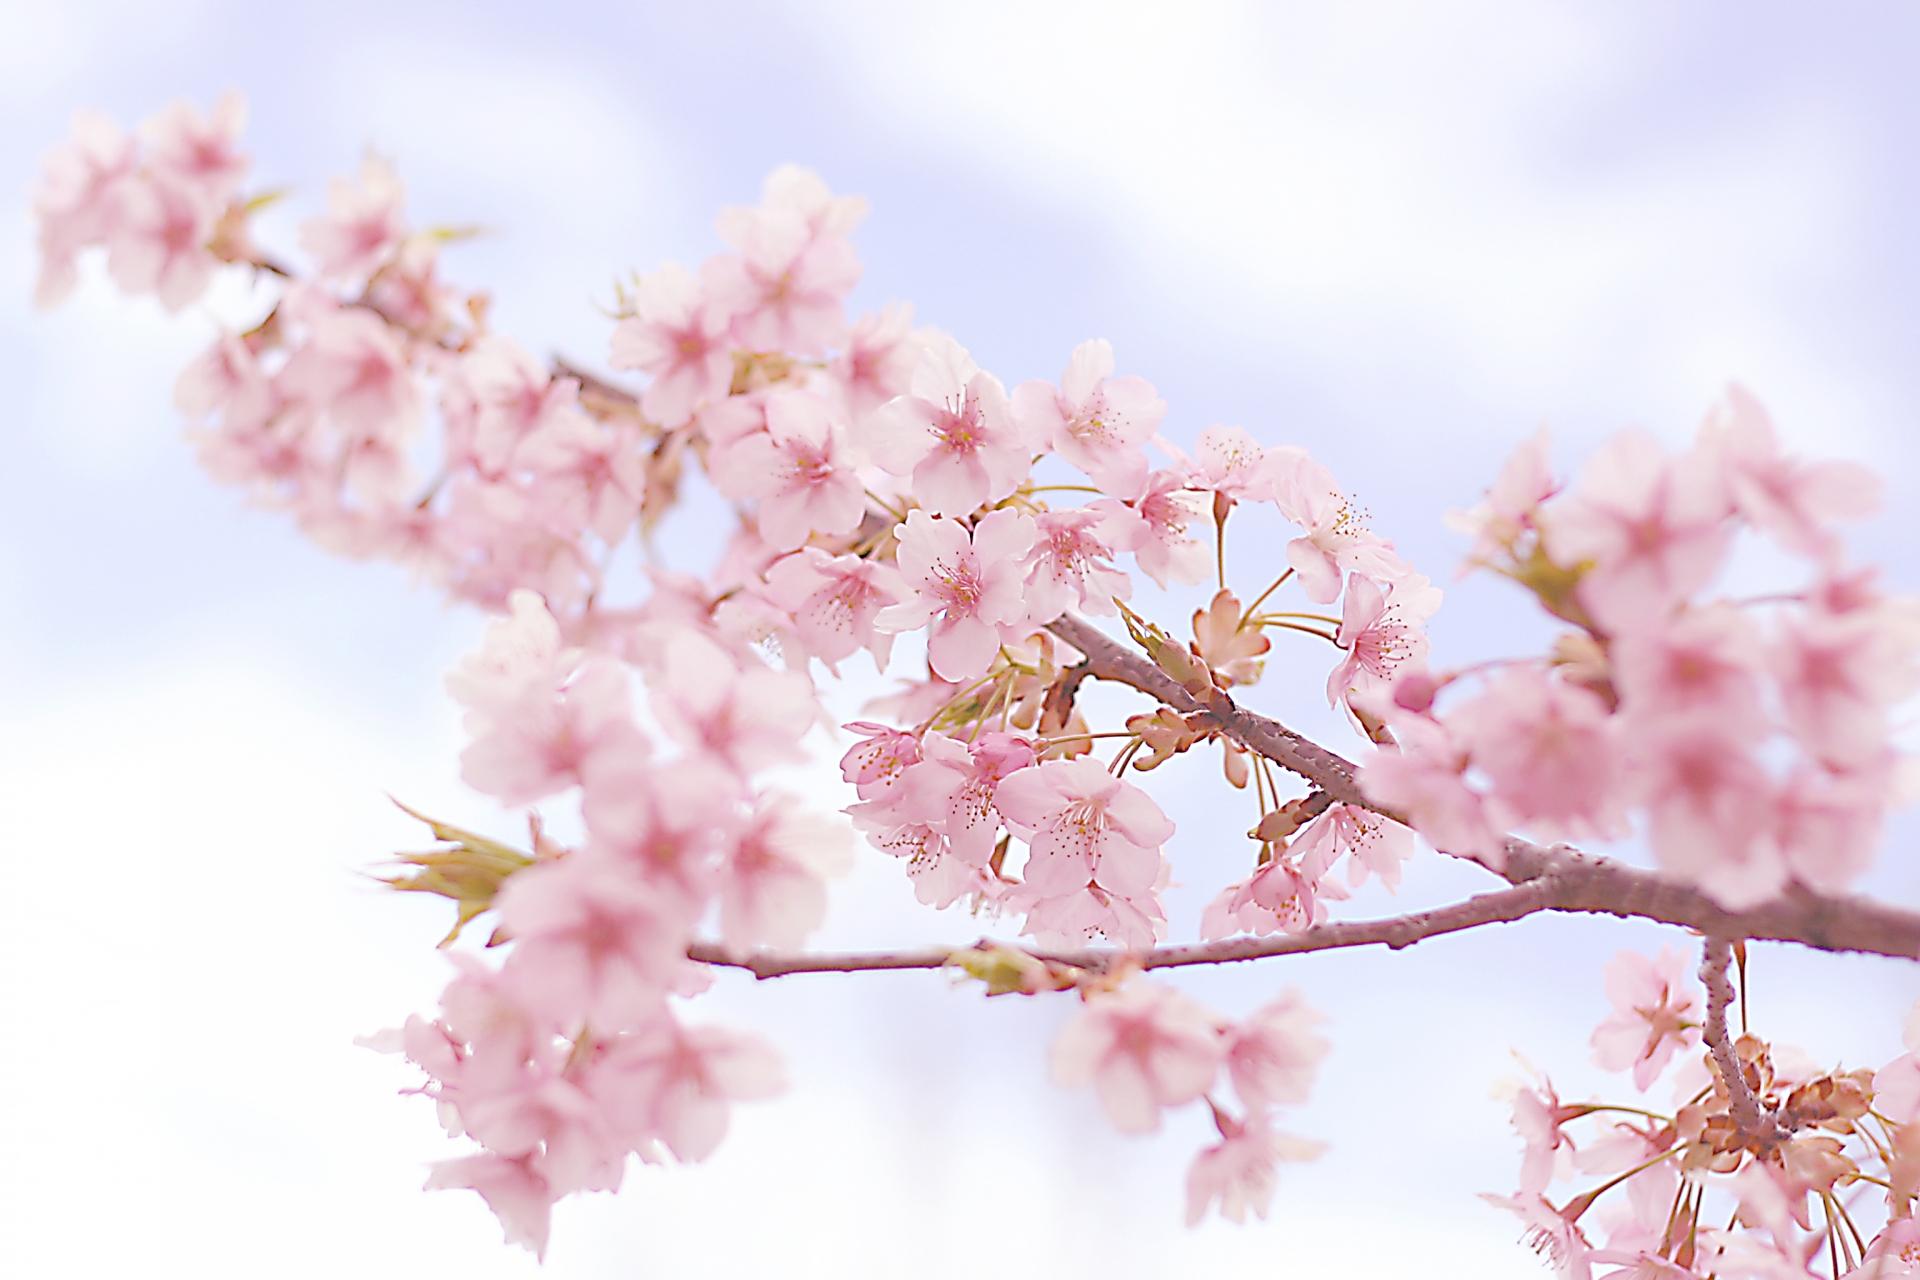 北海道の桜前線の速さはどのくらい?津軽海峡を渡るのに何日かかる?